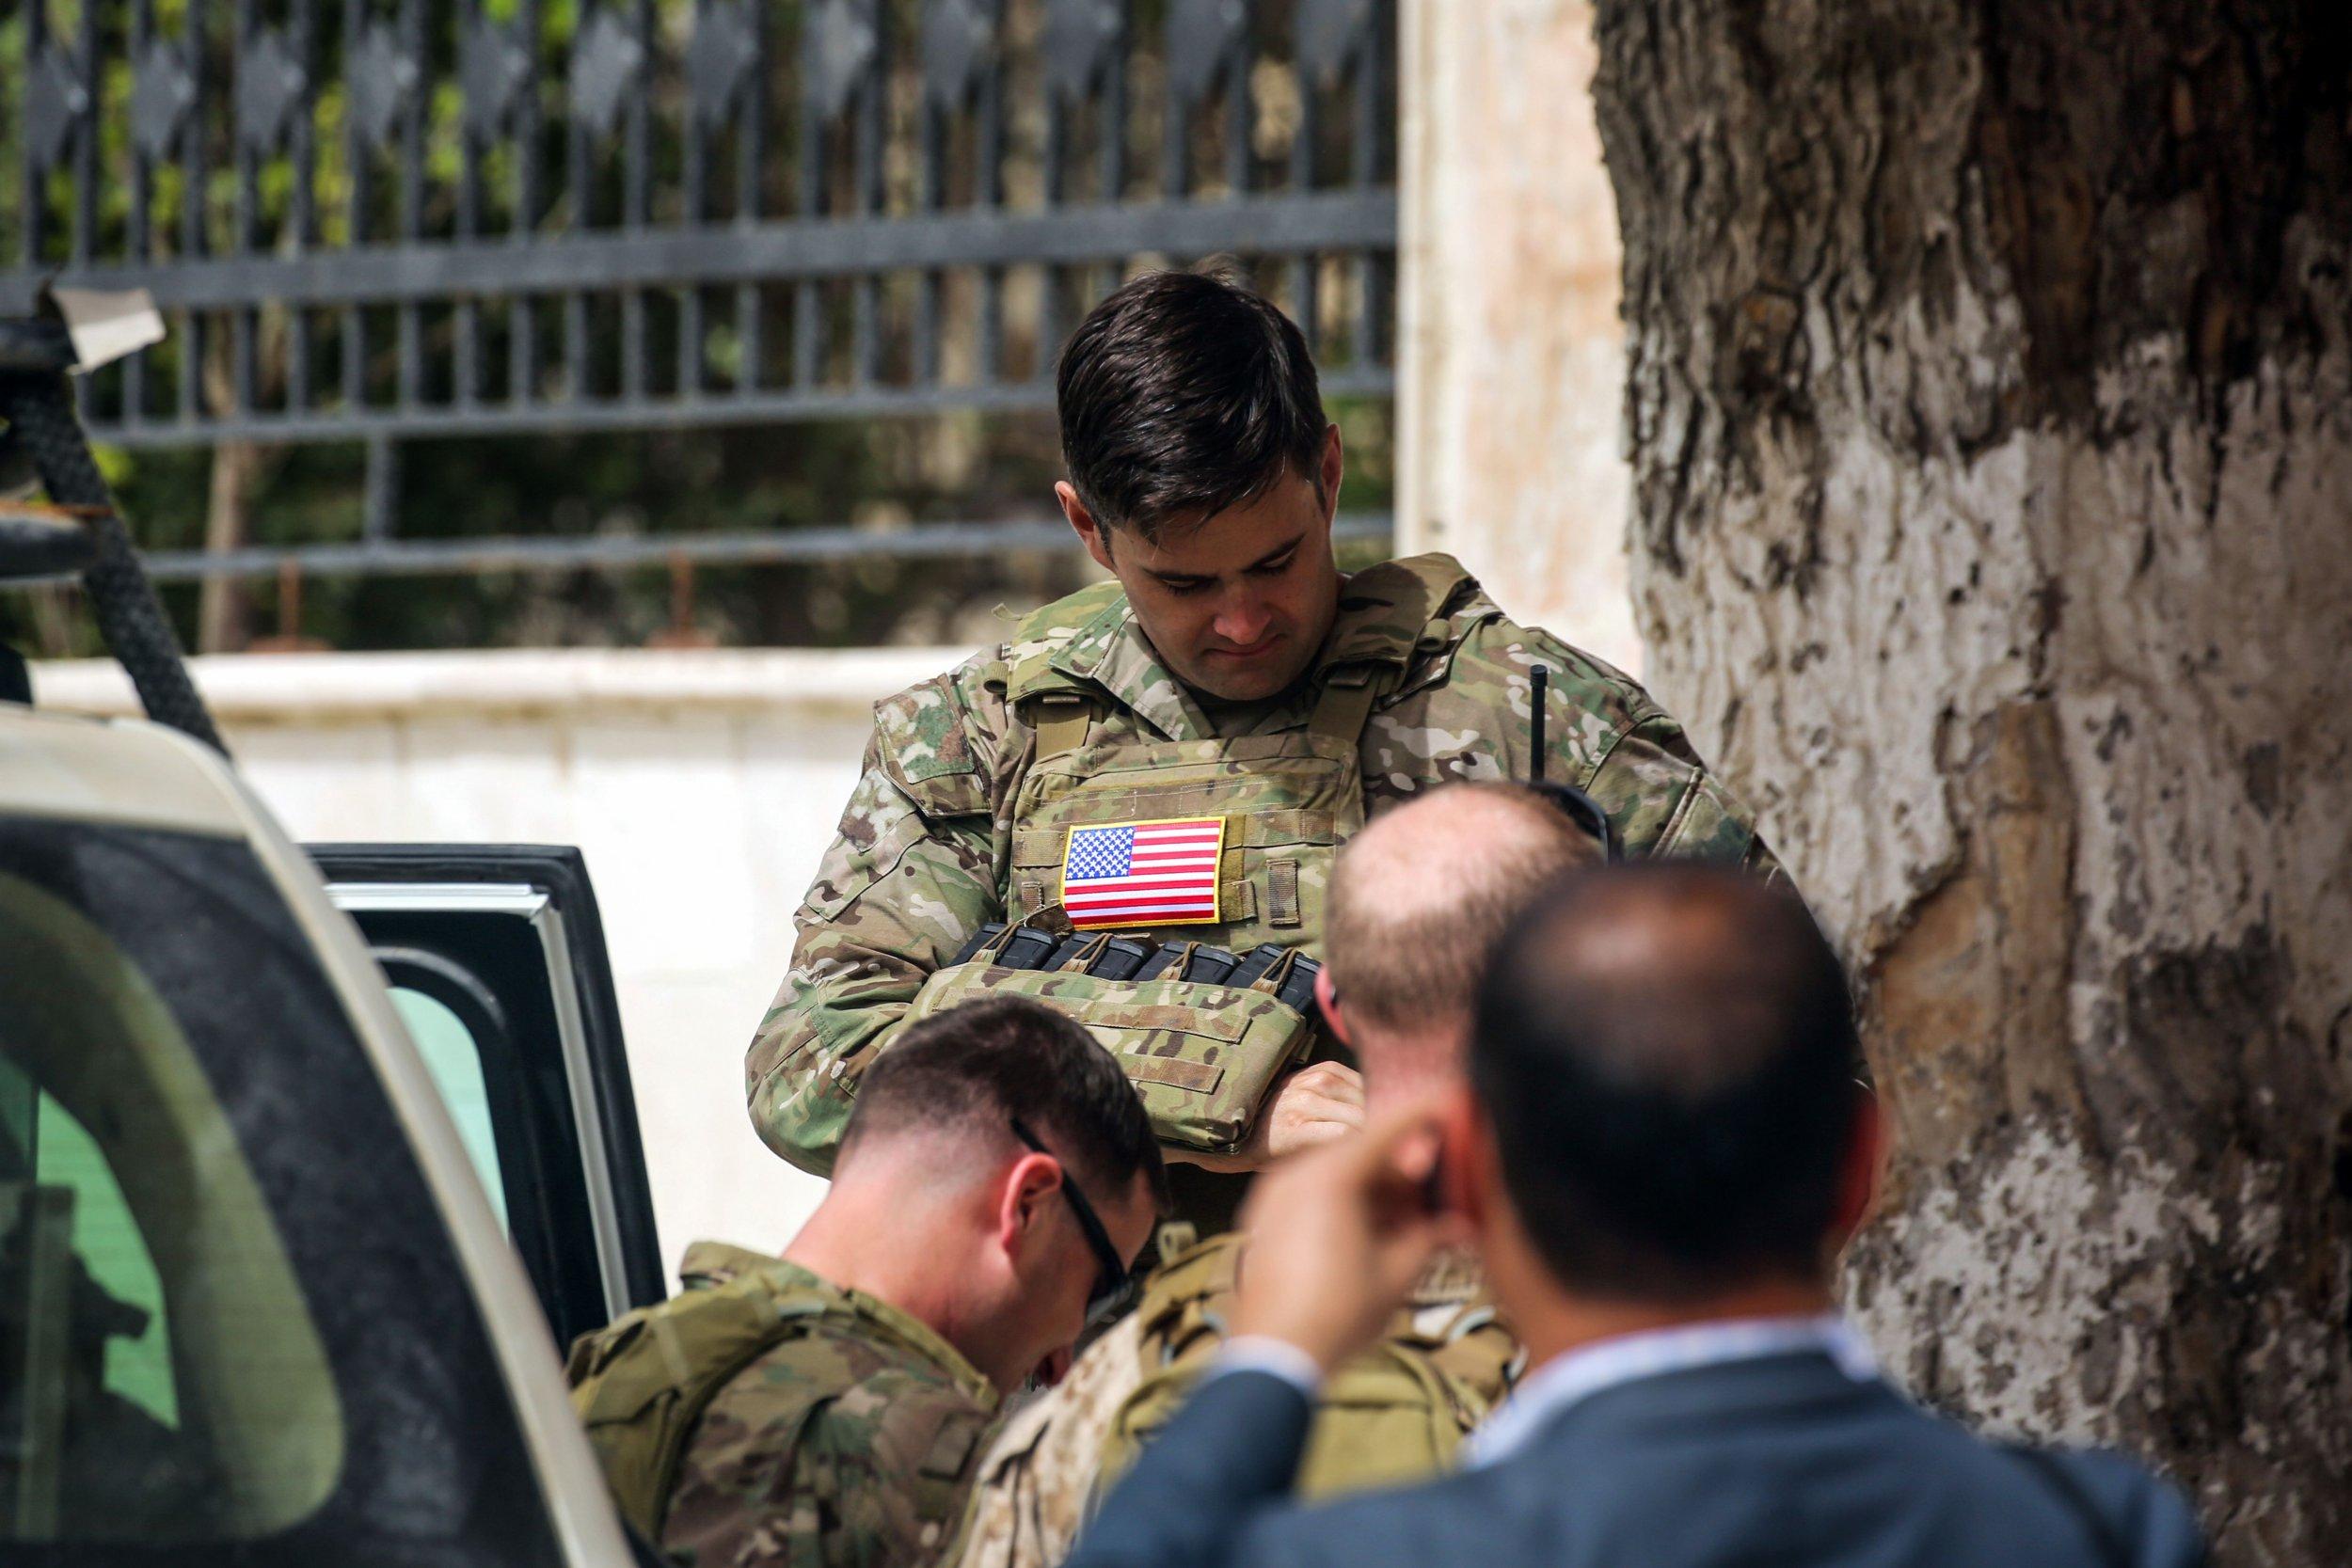 US Soldiers Syria peacekeeping